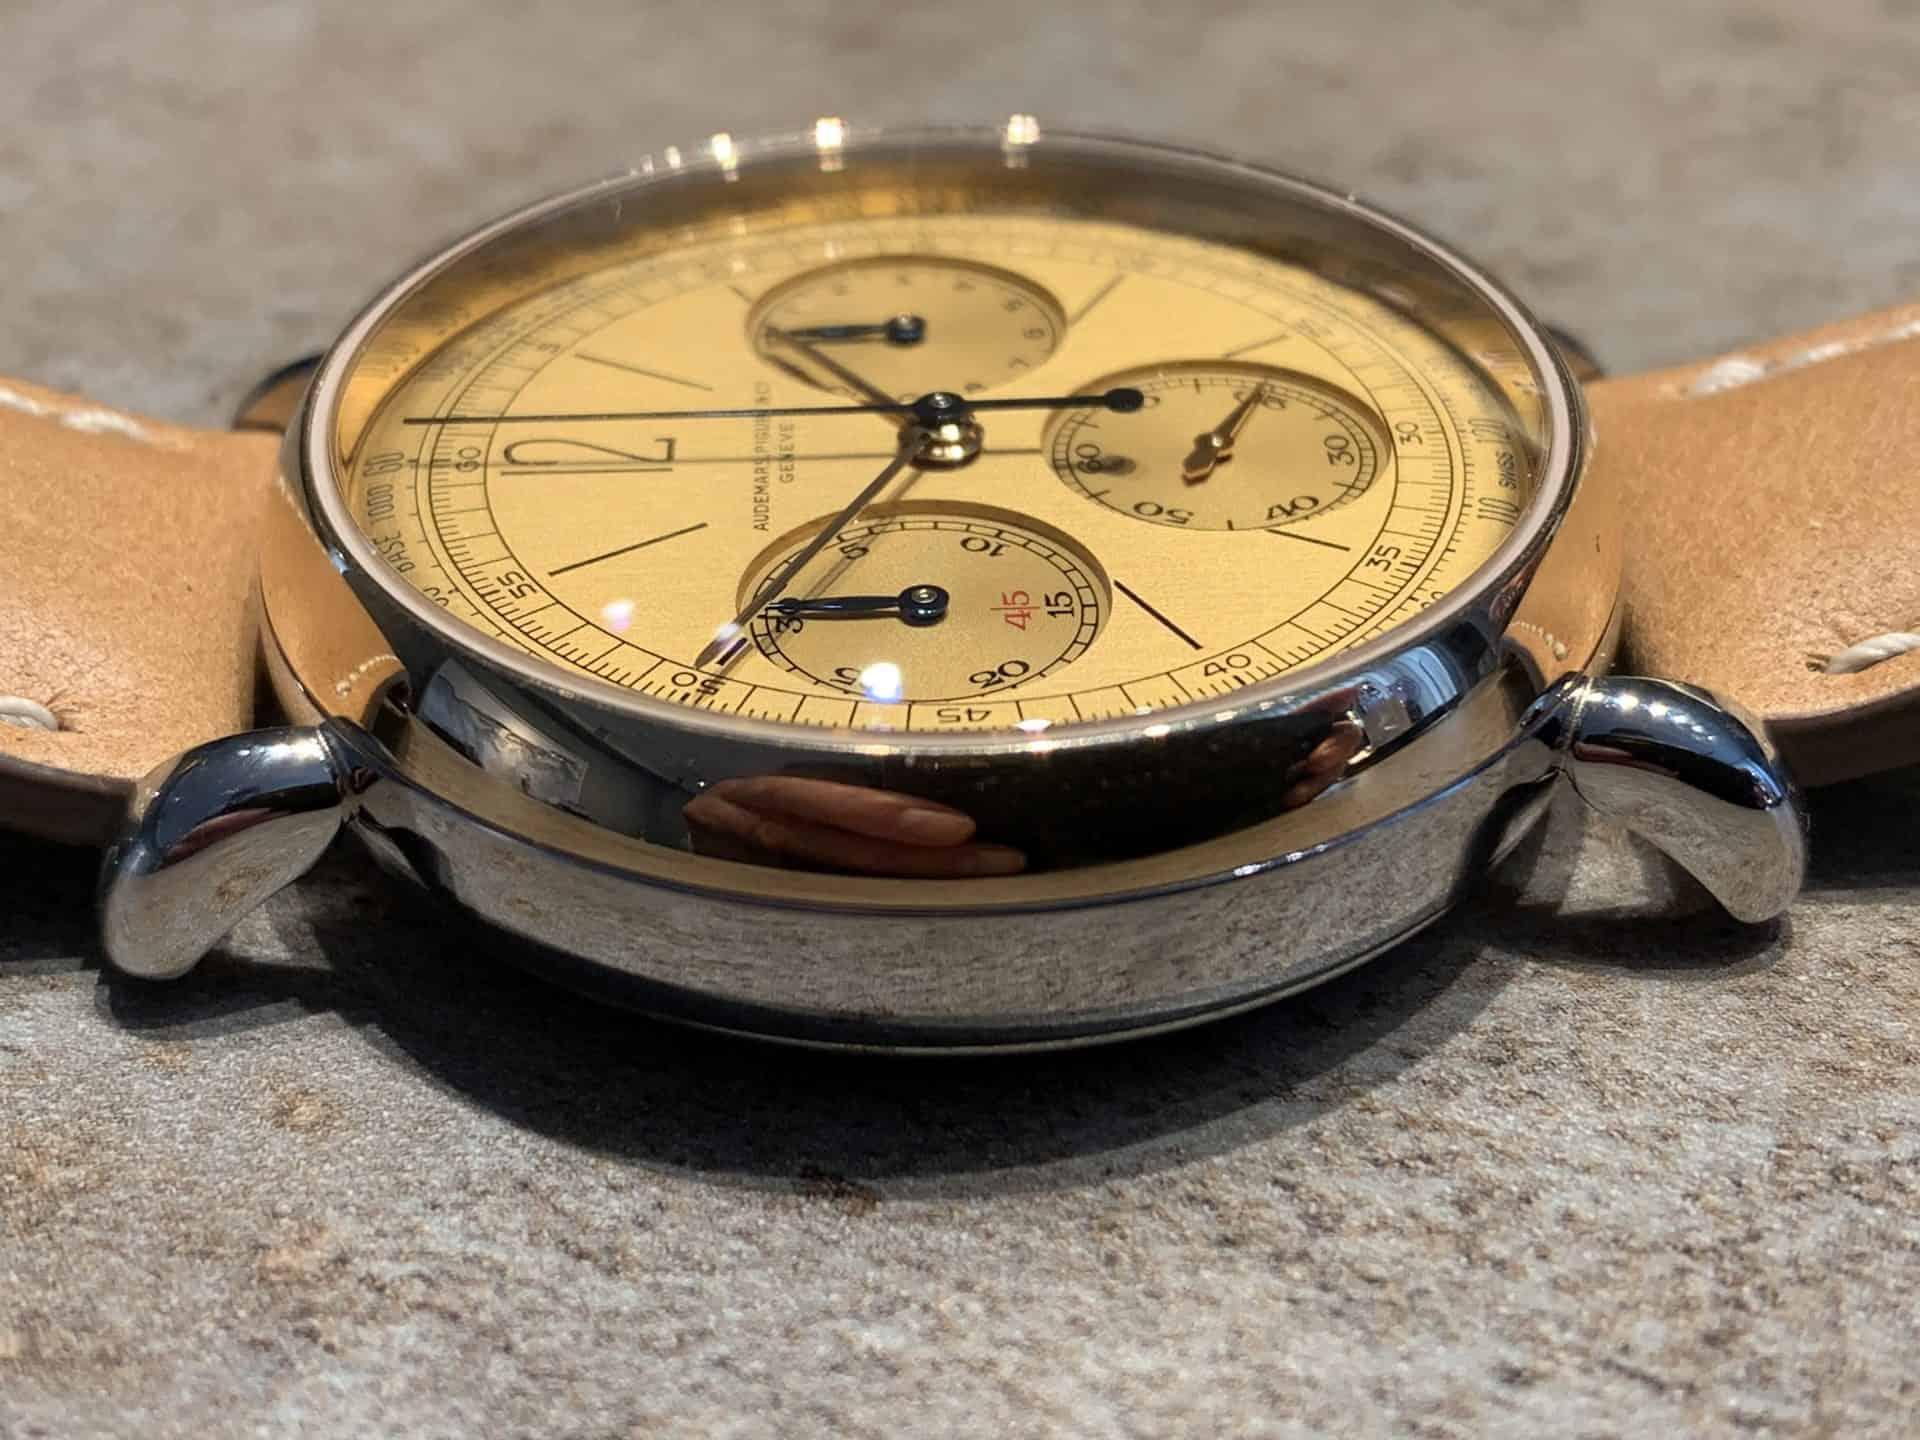 Audemars Piguet Automatik Chronograph Referenz 2659SSR.OO .A032VE.01 Foto GLB 08